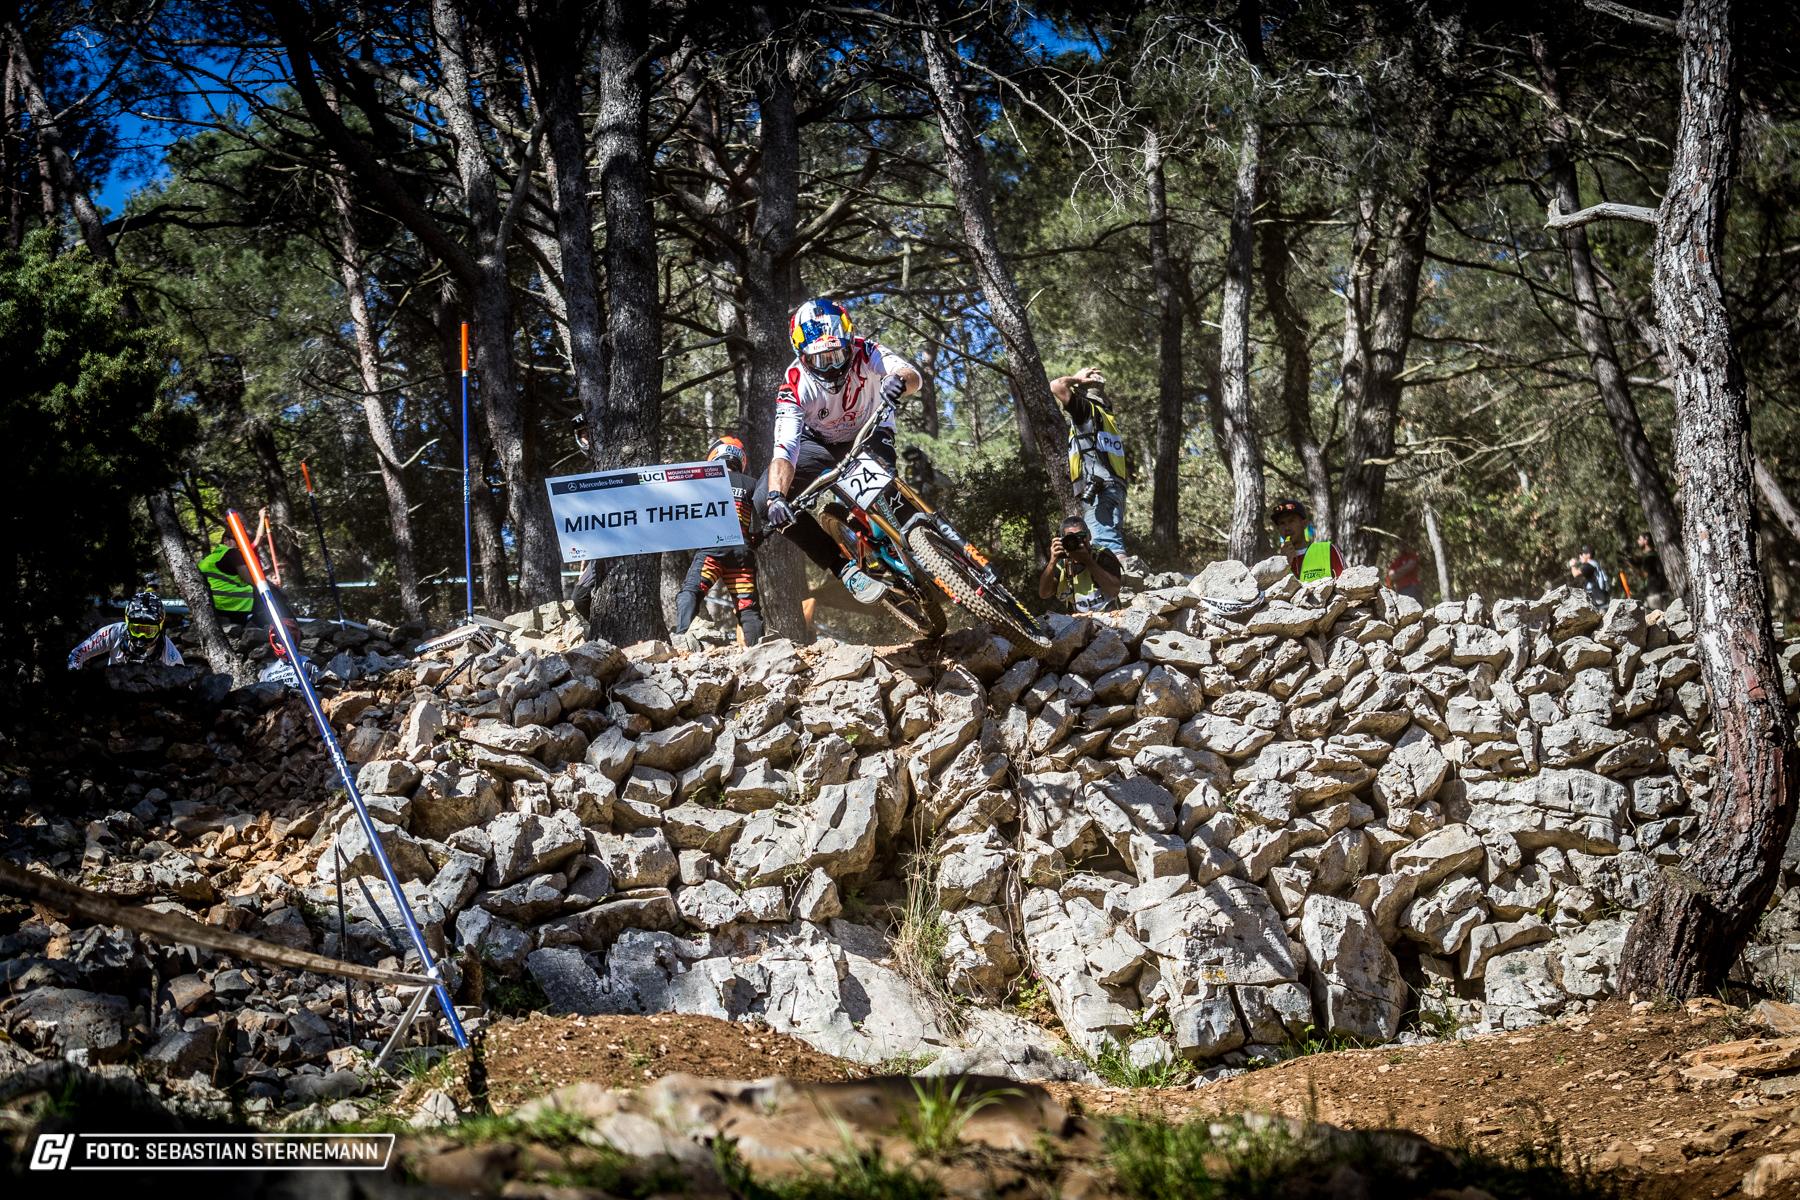 UCI Downhill Worldcup 2018 Losinj